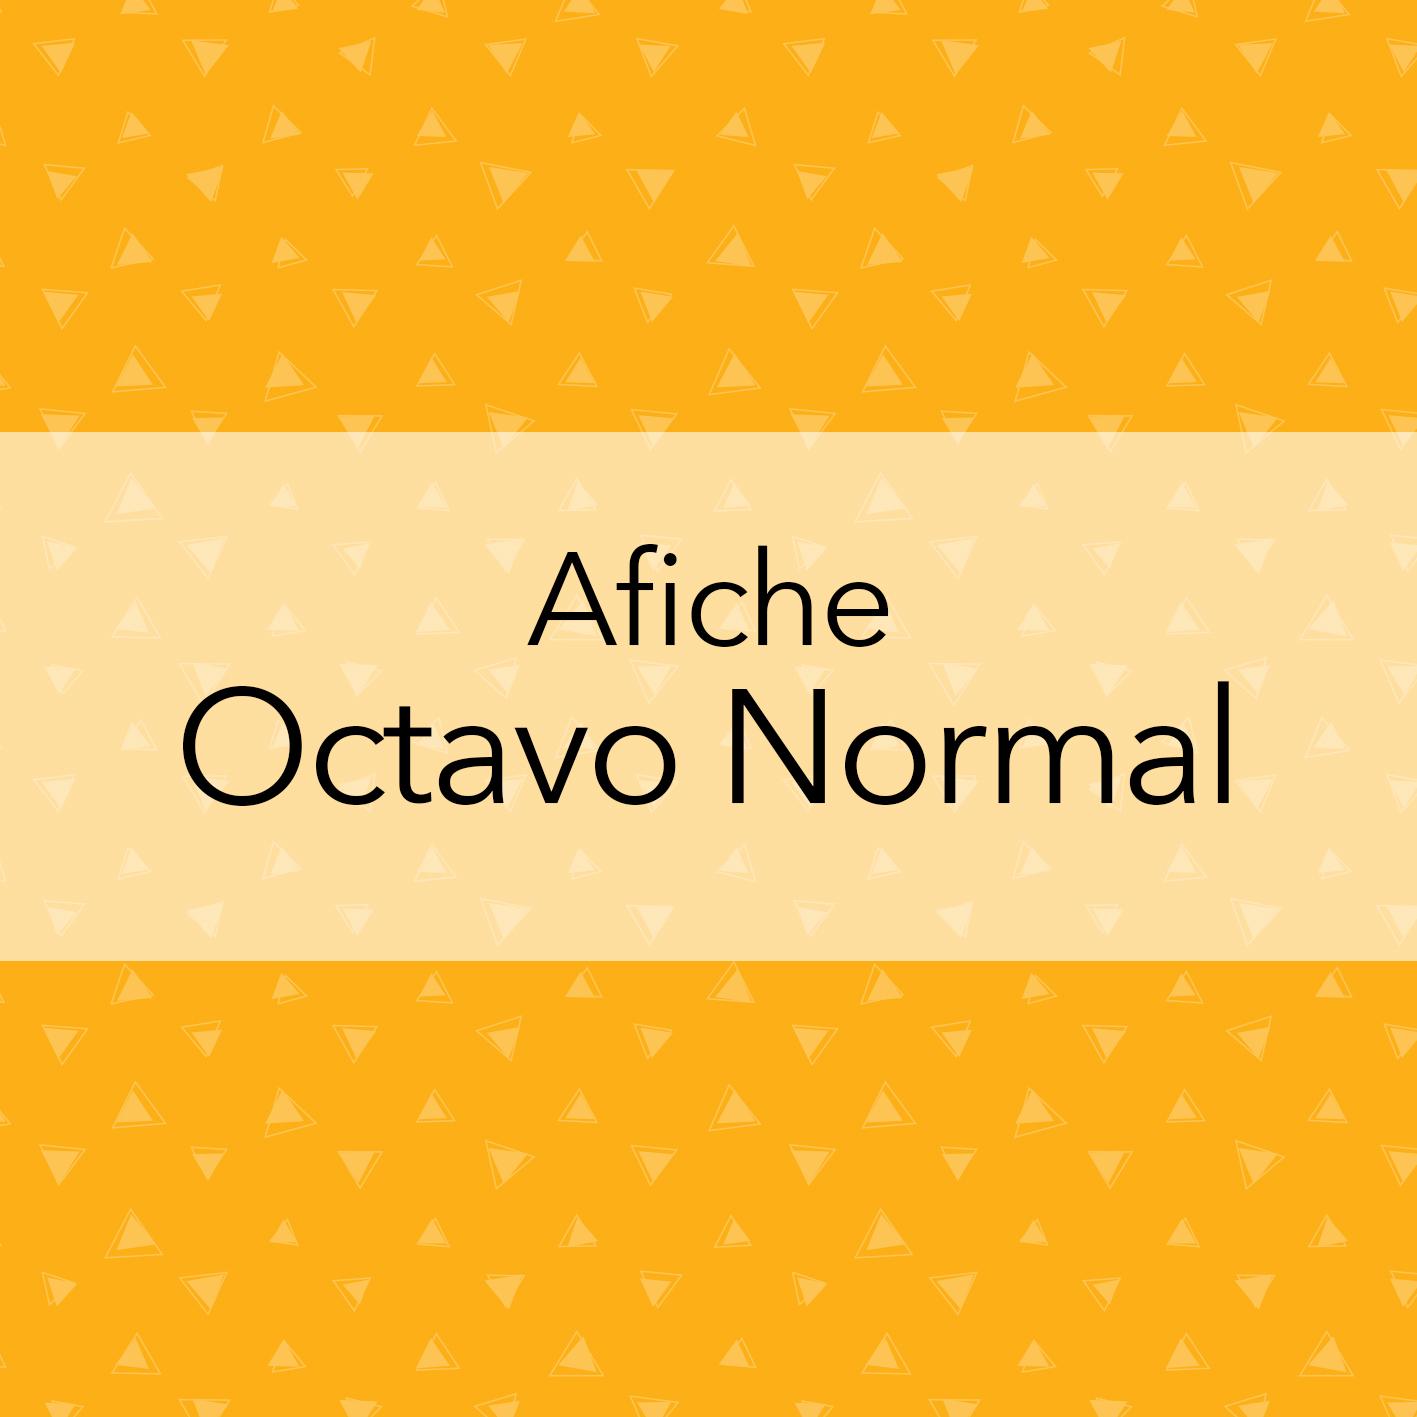 AFICHE OCTAVO NORMAL